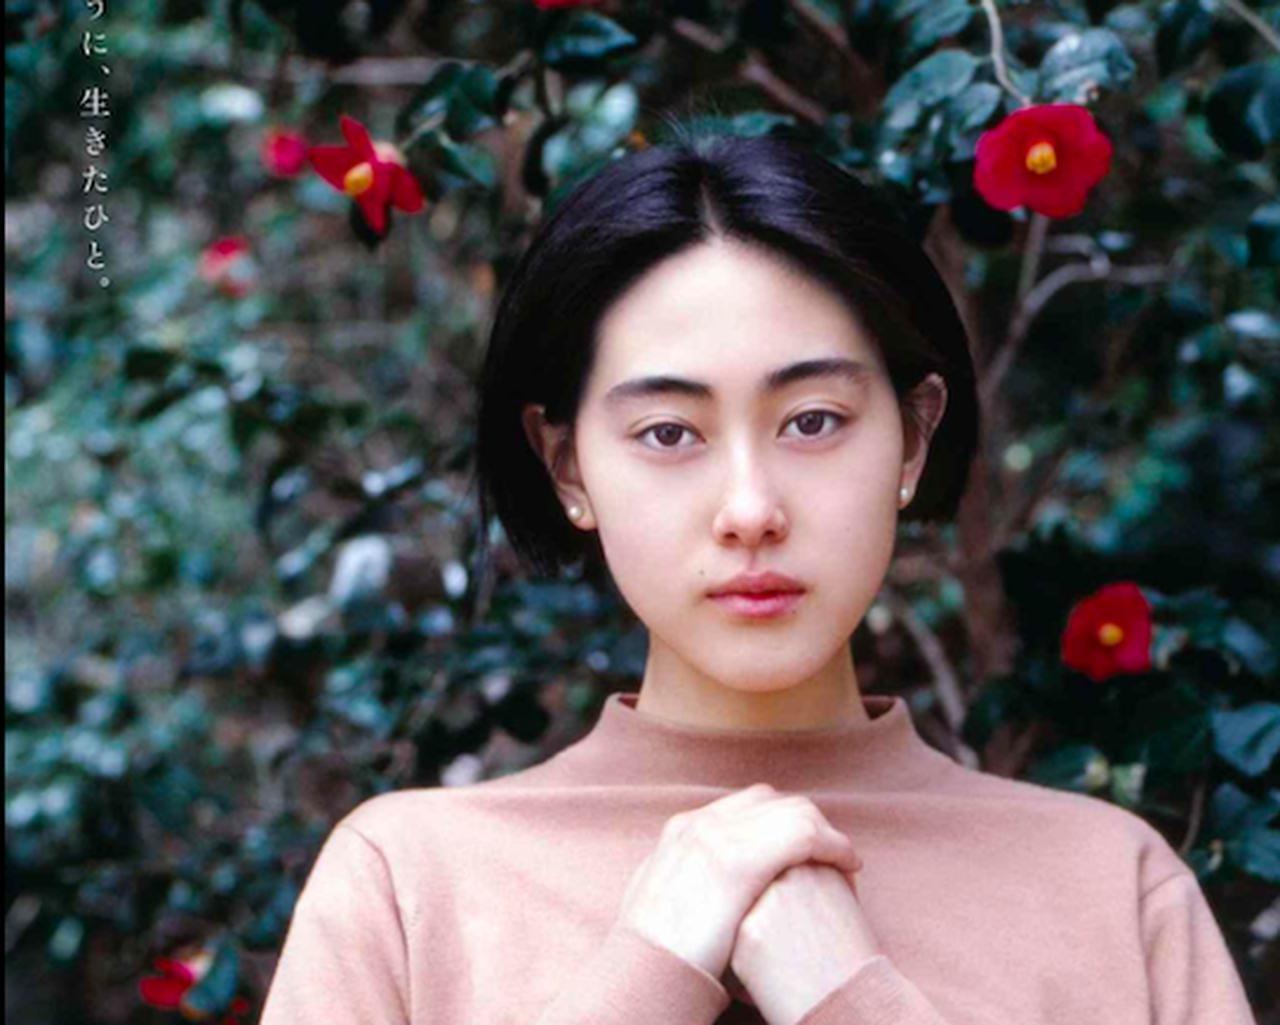 モデル雅子(大岡雅子)の死因の病気はがん?旦那や子供や本や画像情報なども徹底調査!